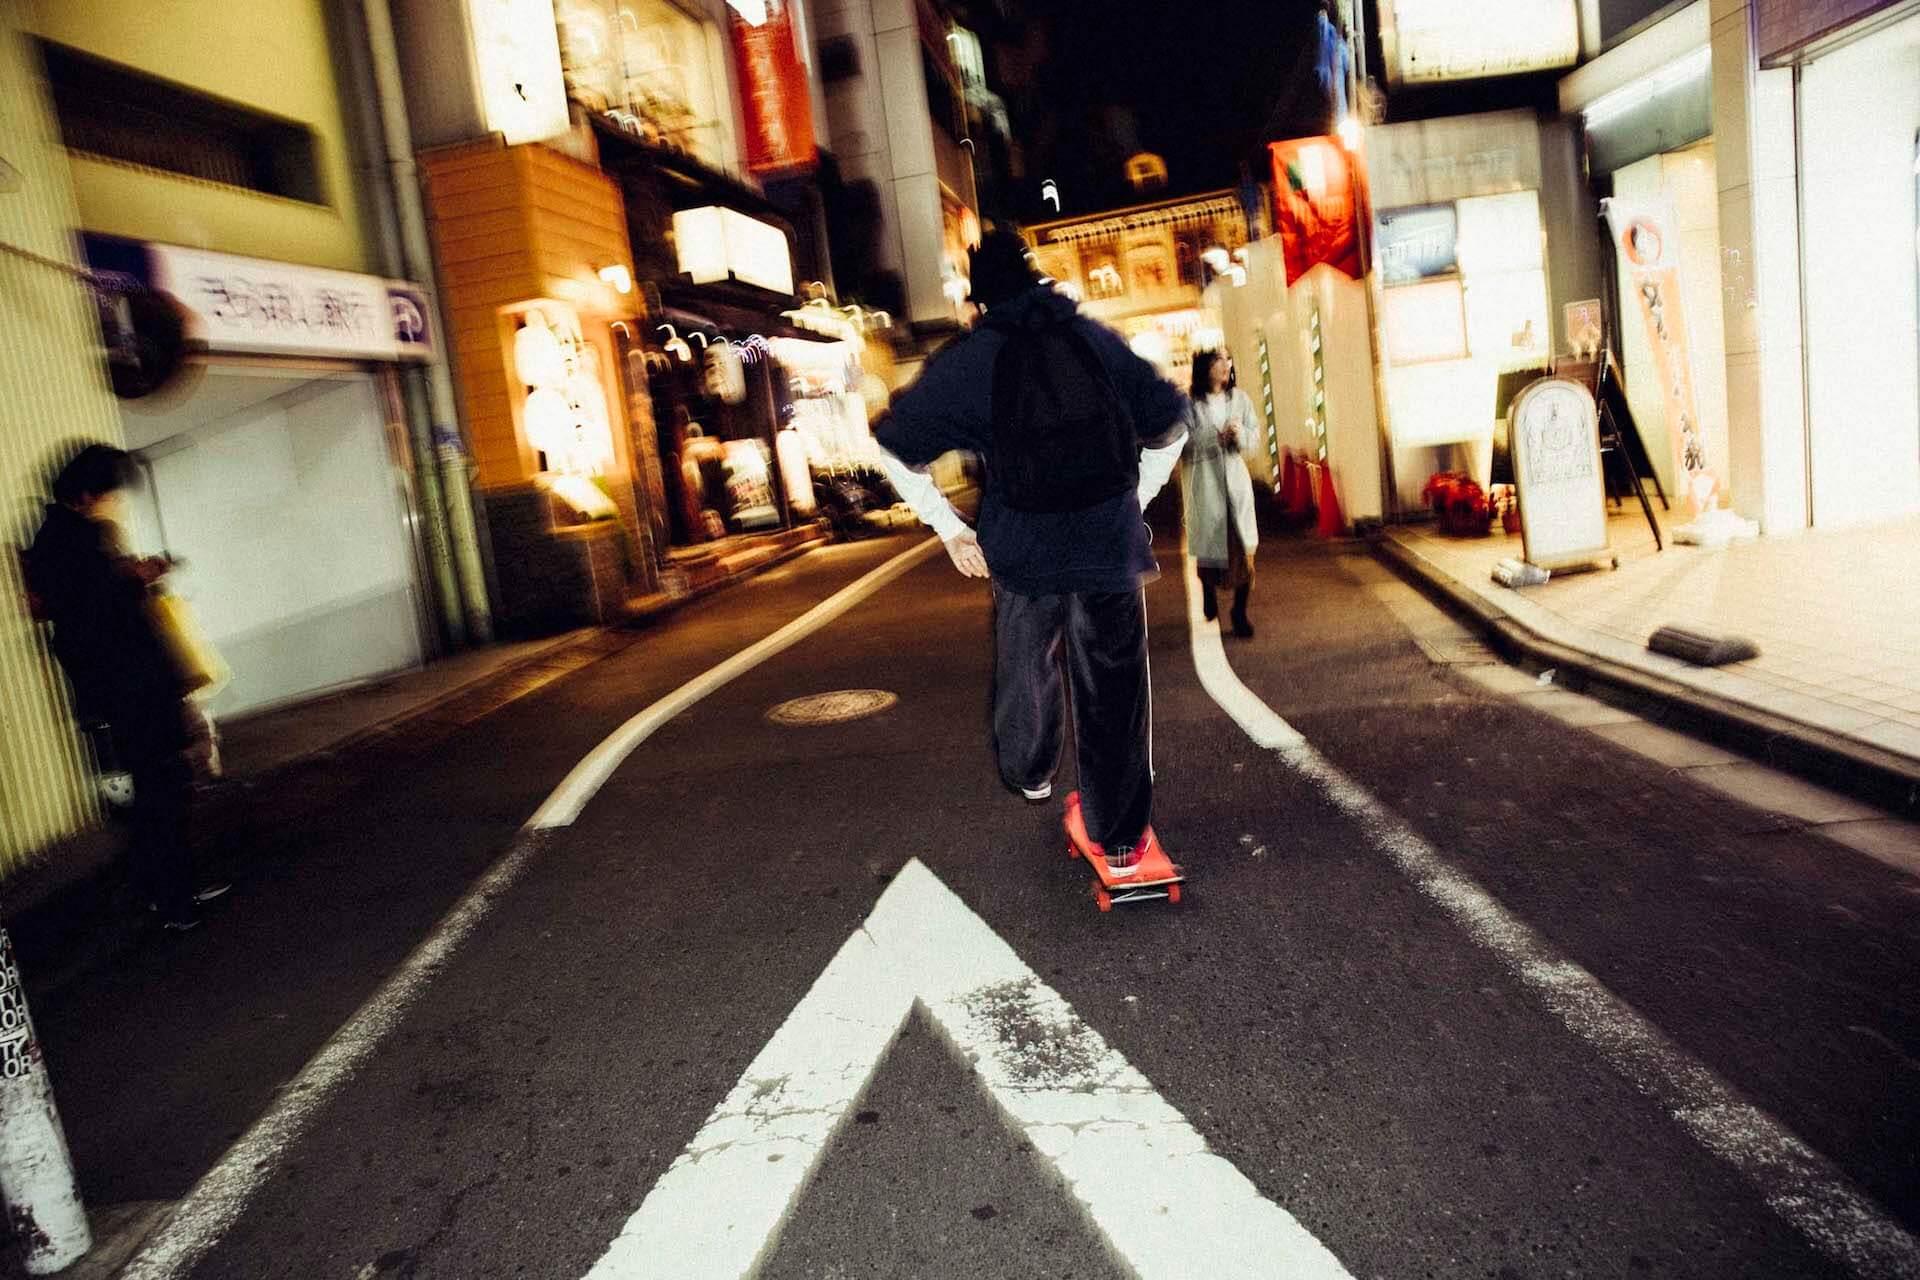 高岩遼のモノローグ|『10』リリースライブに向けて ryo-takaiwa101210-20